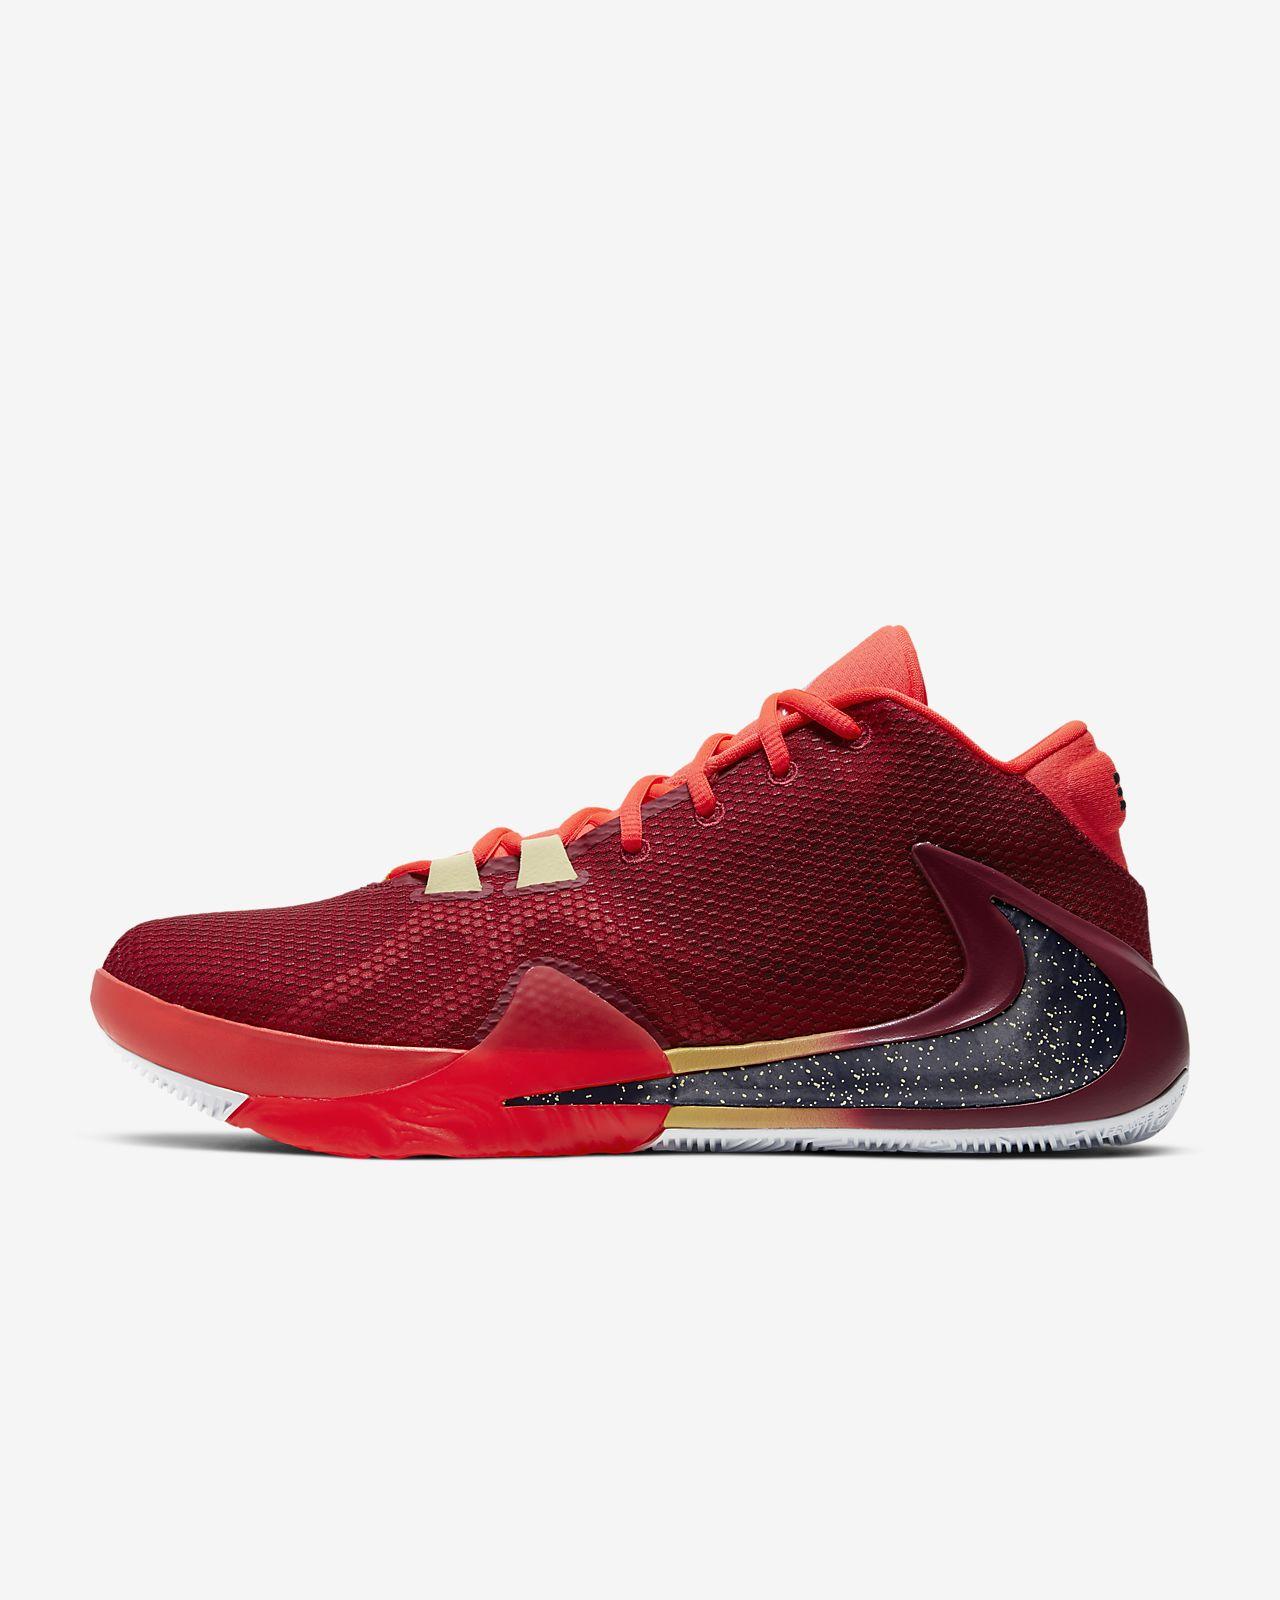 Zoom Freak 1 籃球鞋. Nike TW